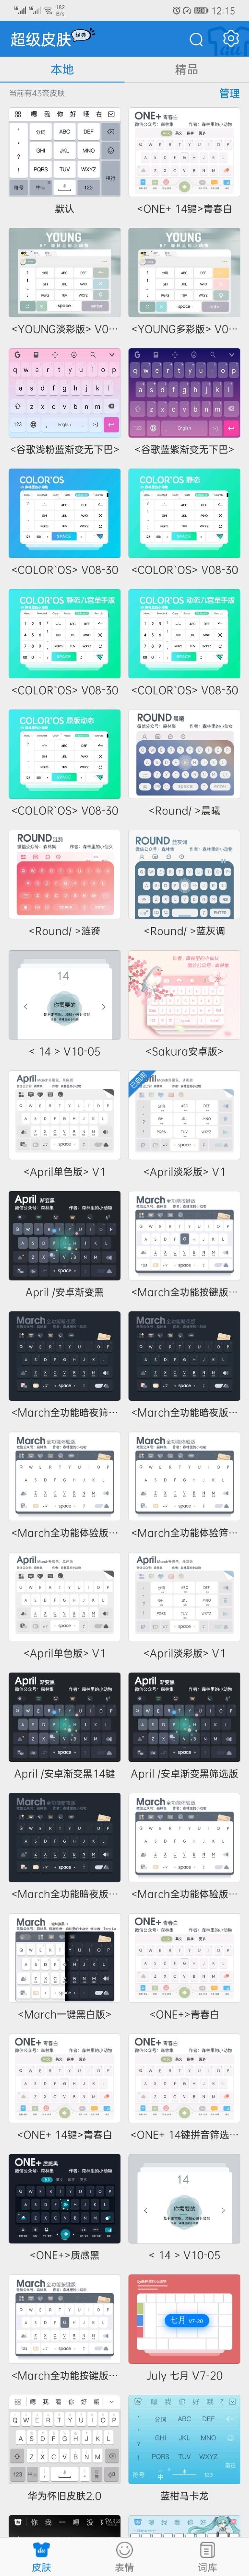 Screenshot_20190716_001553_com.baidu.input_huawei.jpg